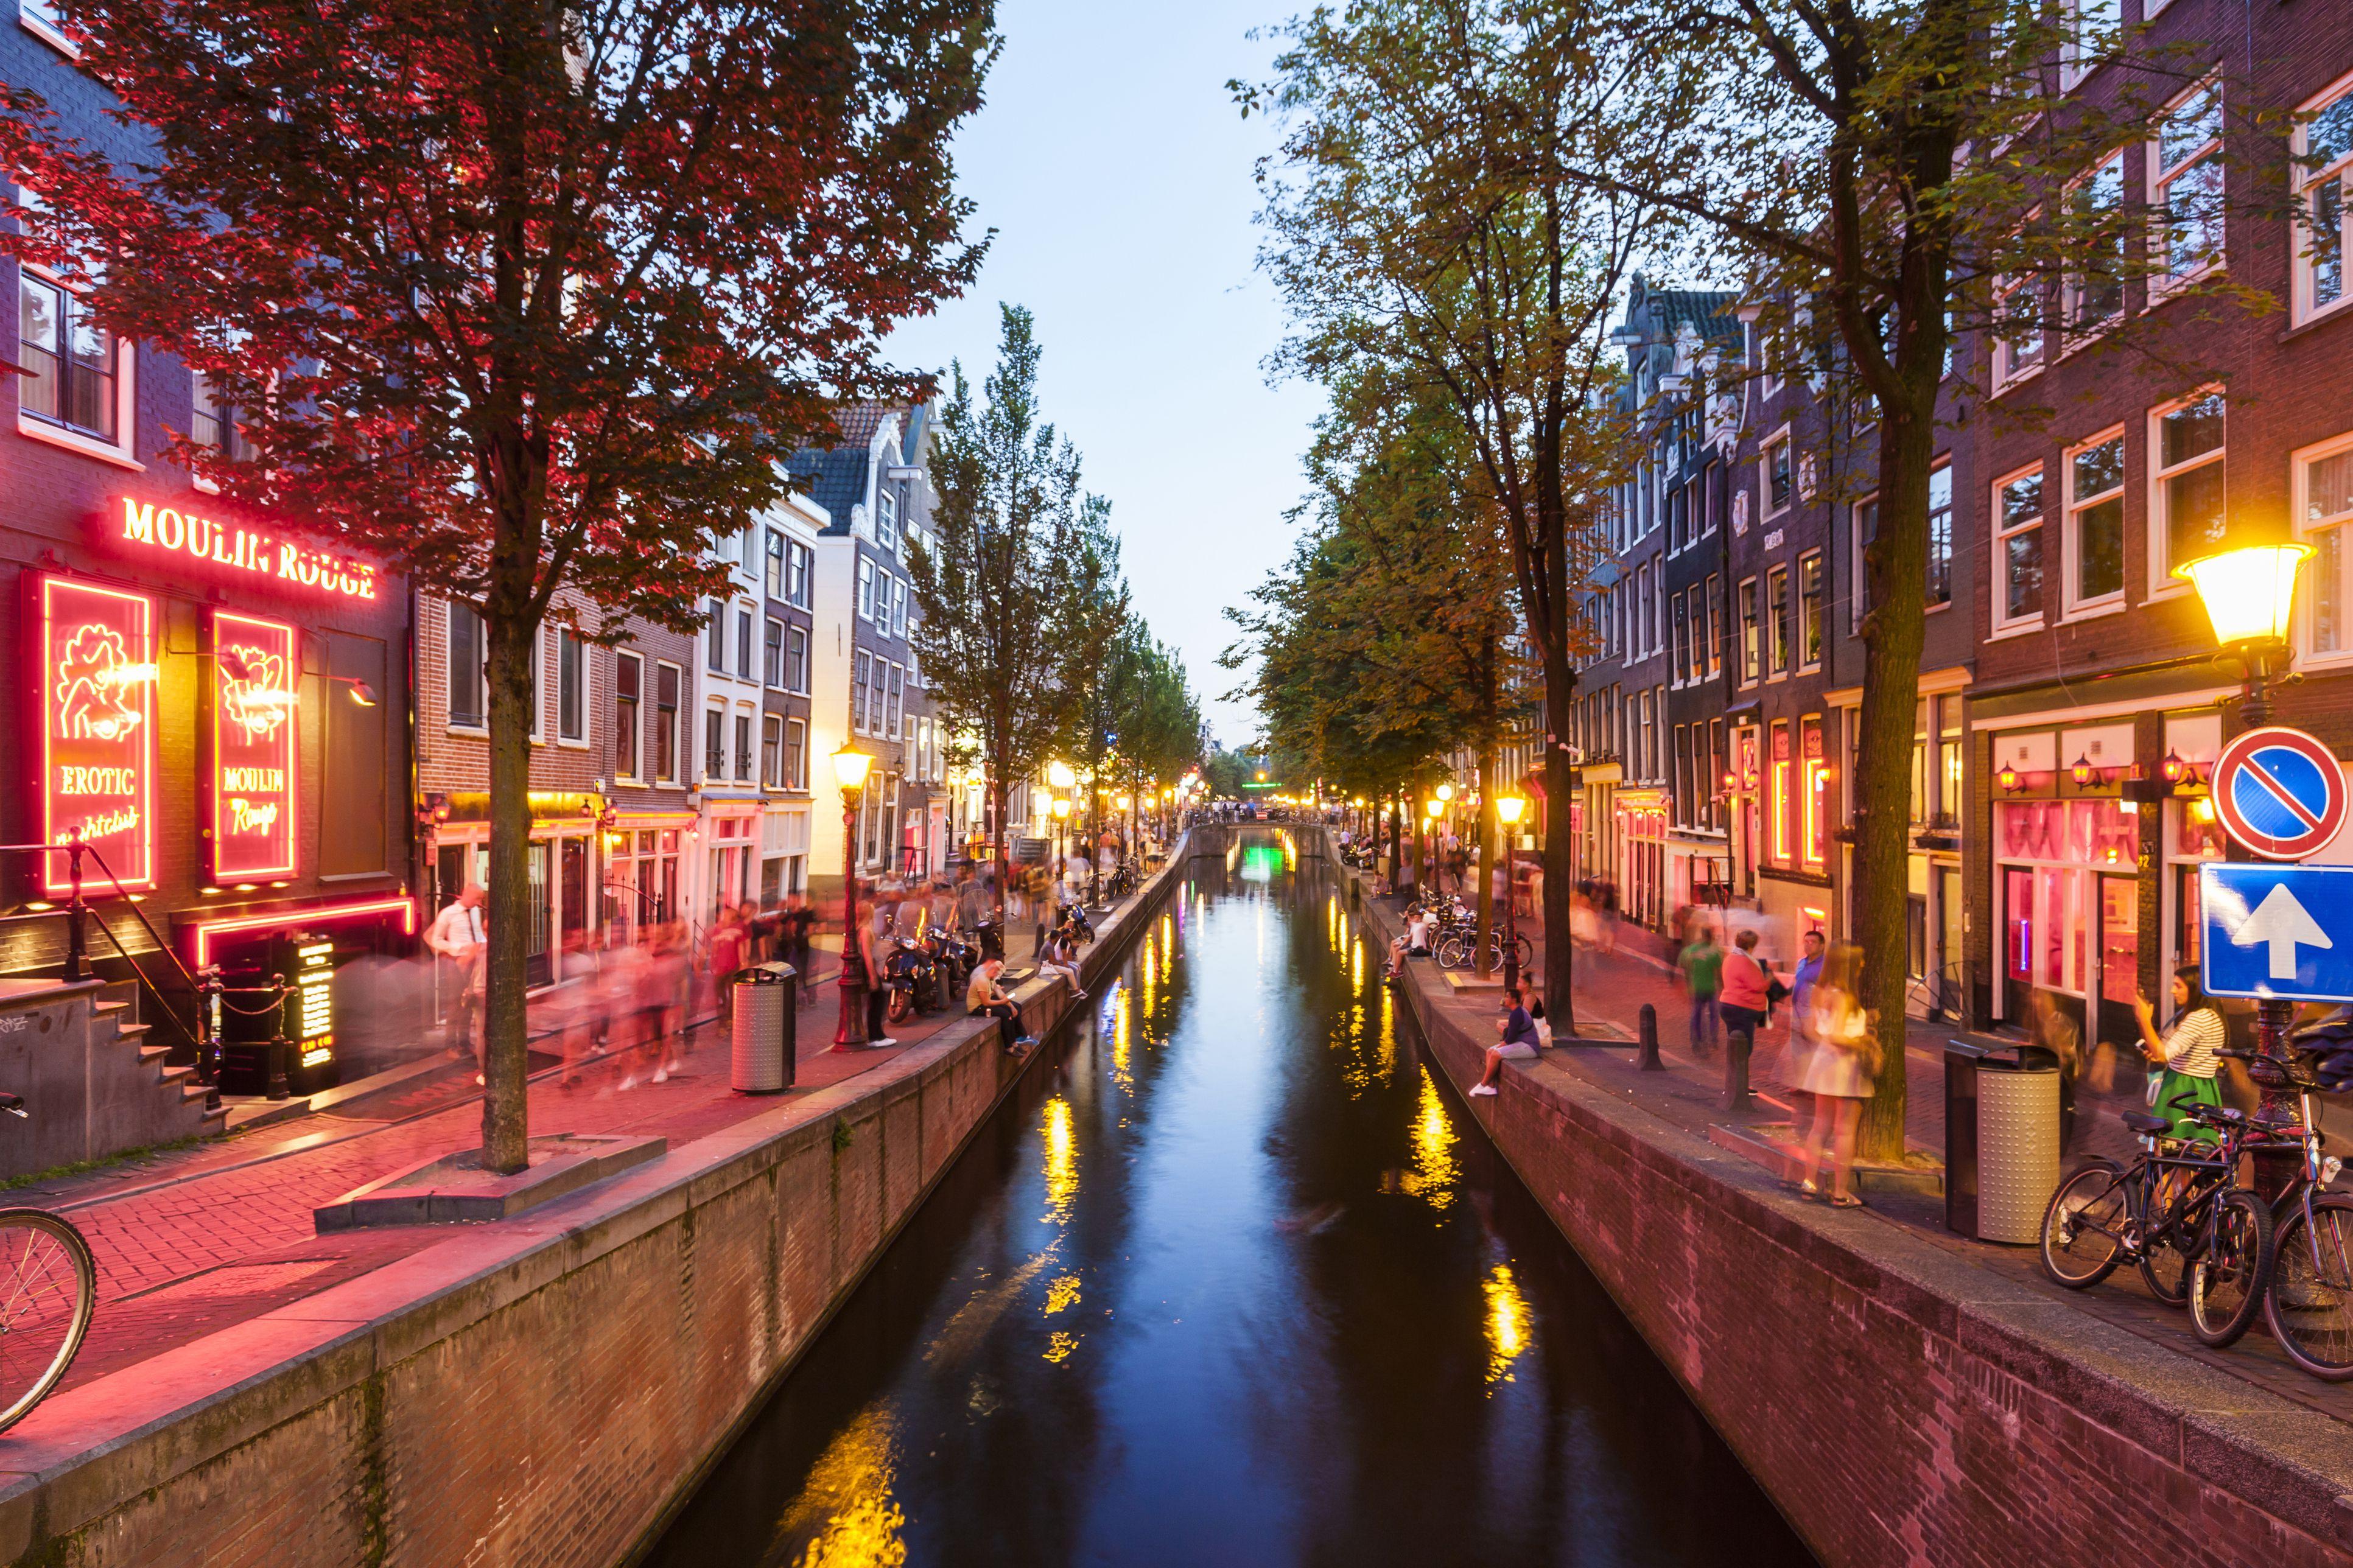 De Wallen Amsterdam : de wallen amsterdam 39 s red light district ~ Eleganceandgraceweddings.com Haus und Dekorationen